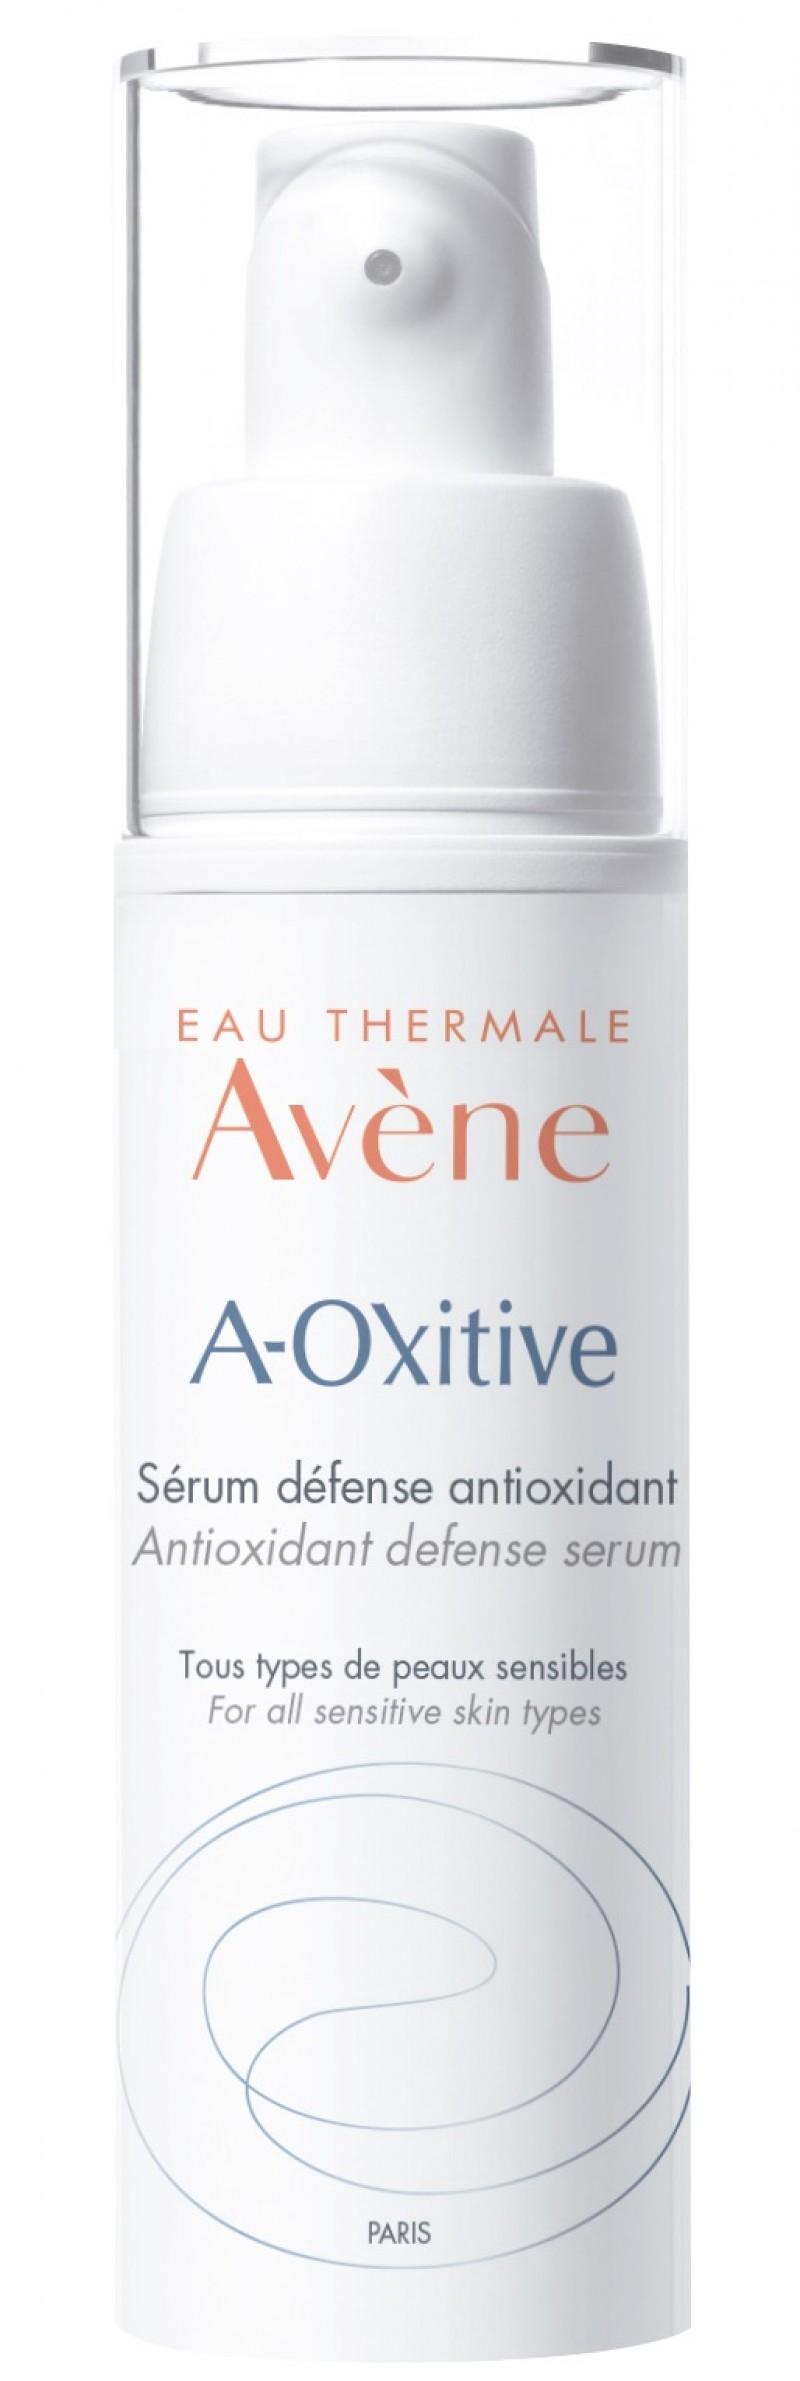 Avène lança novo creme antioxidante